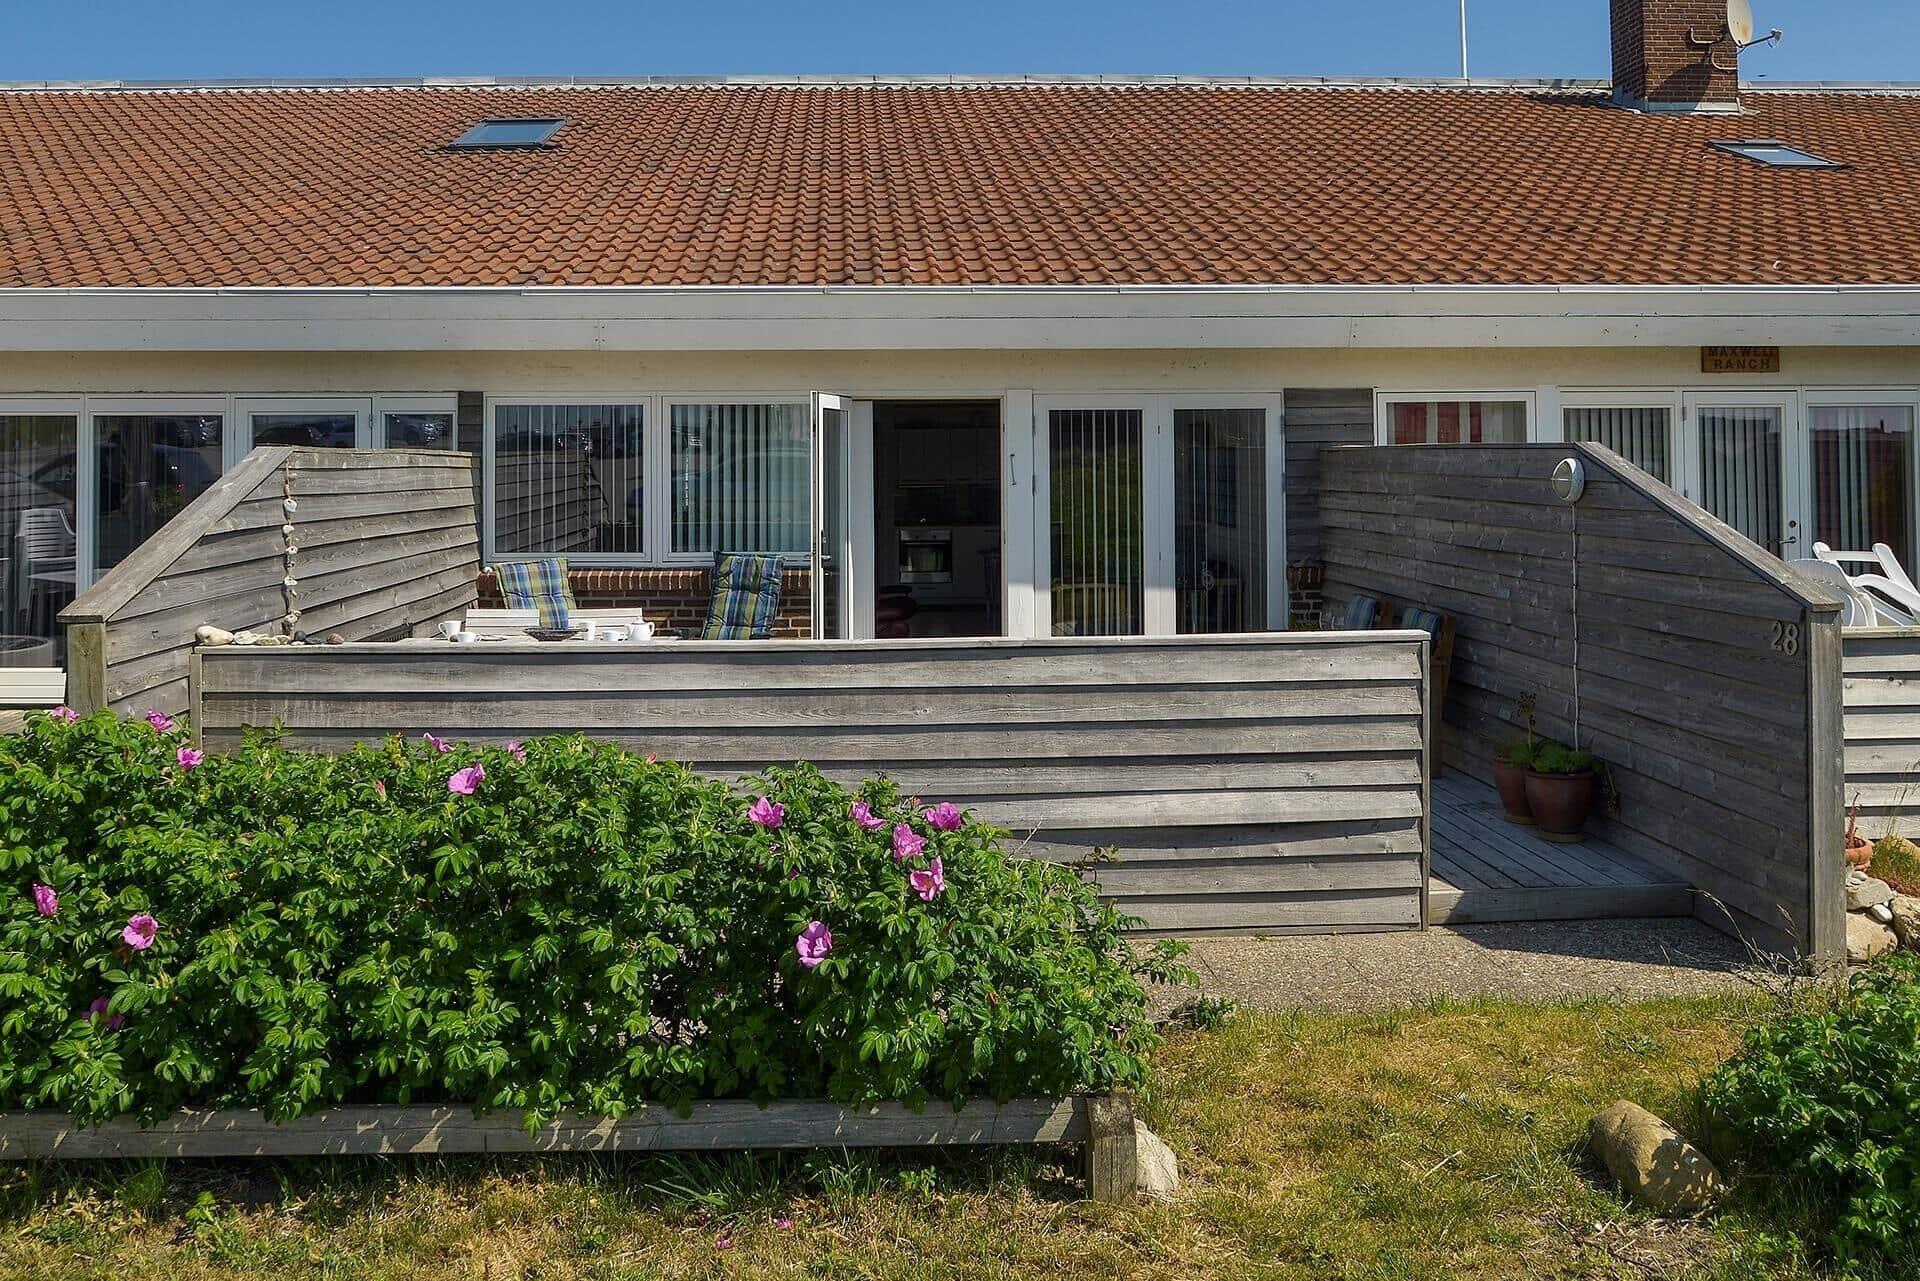 Billede 1-4 Sommerhus 771, Nørregade 2, DK - 6960 Hvide Sande